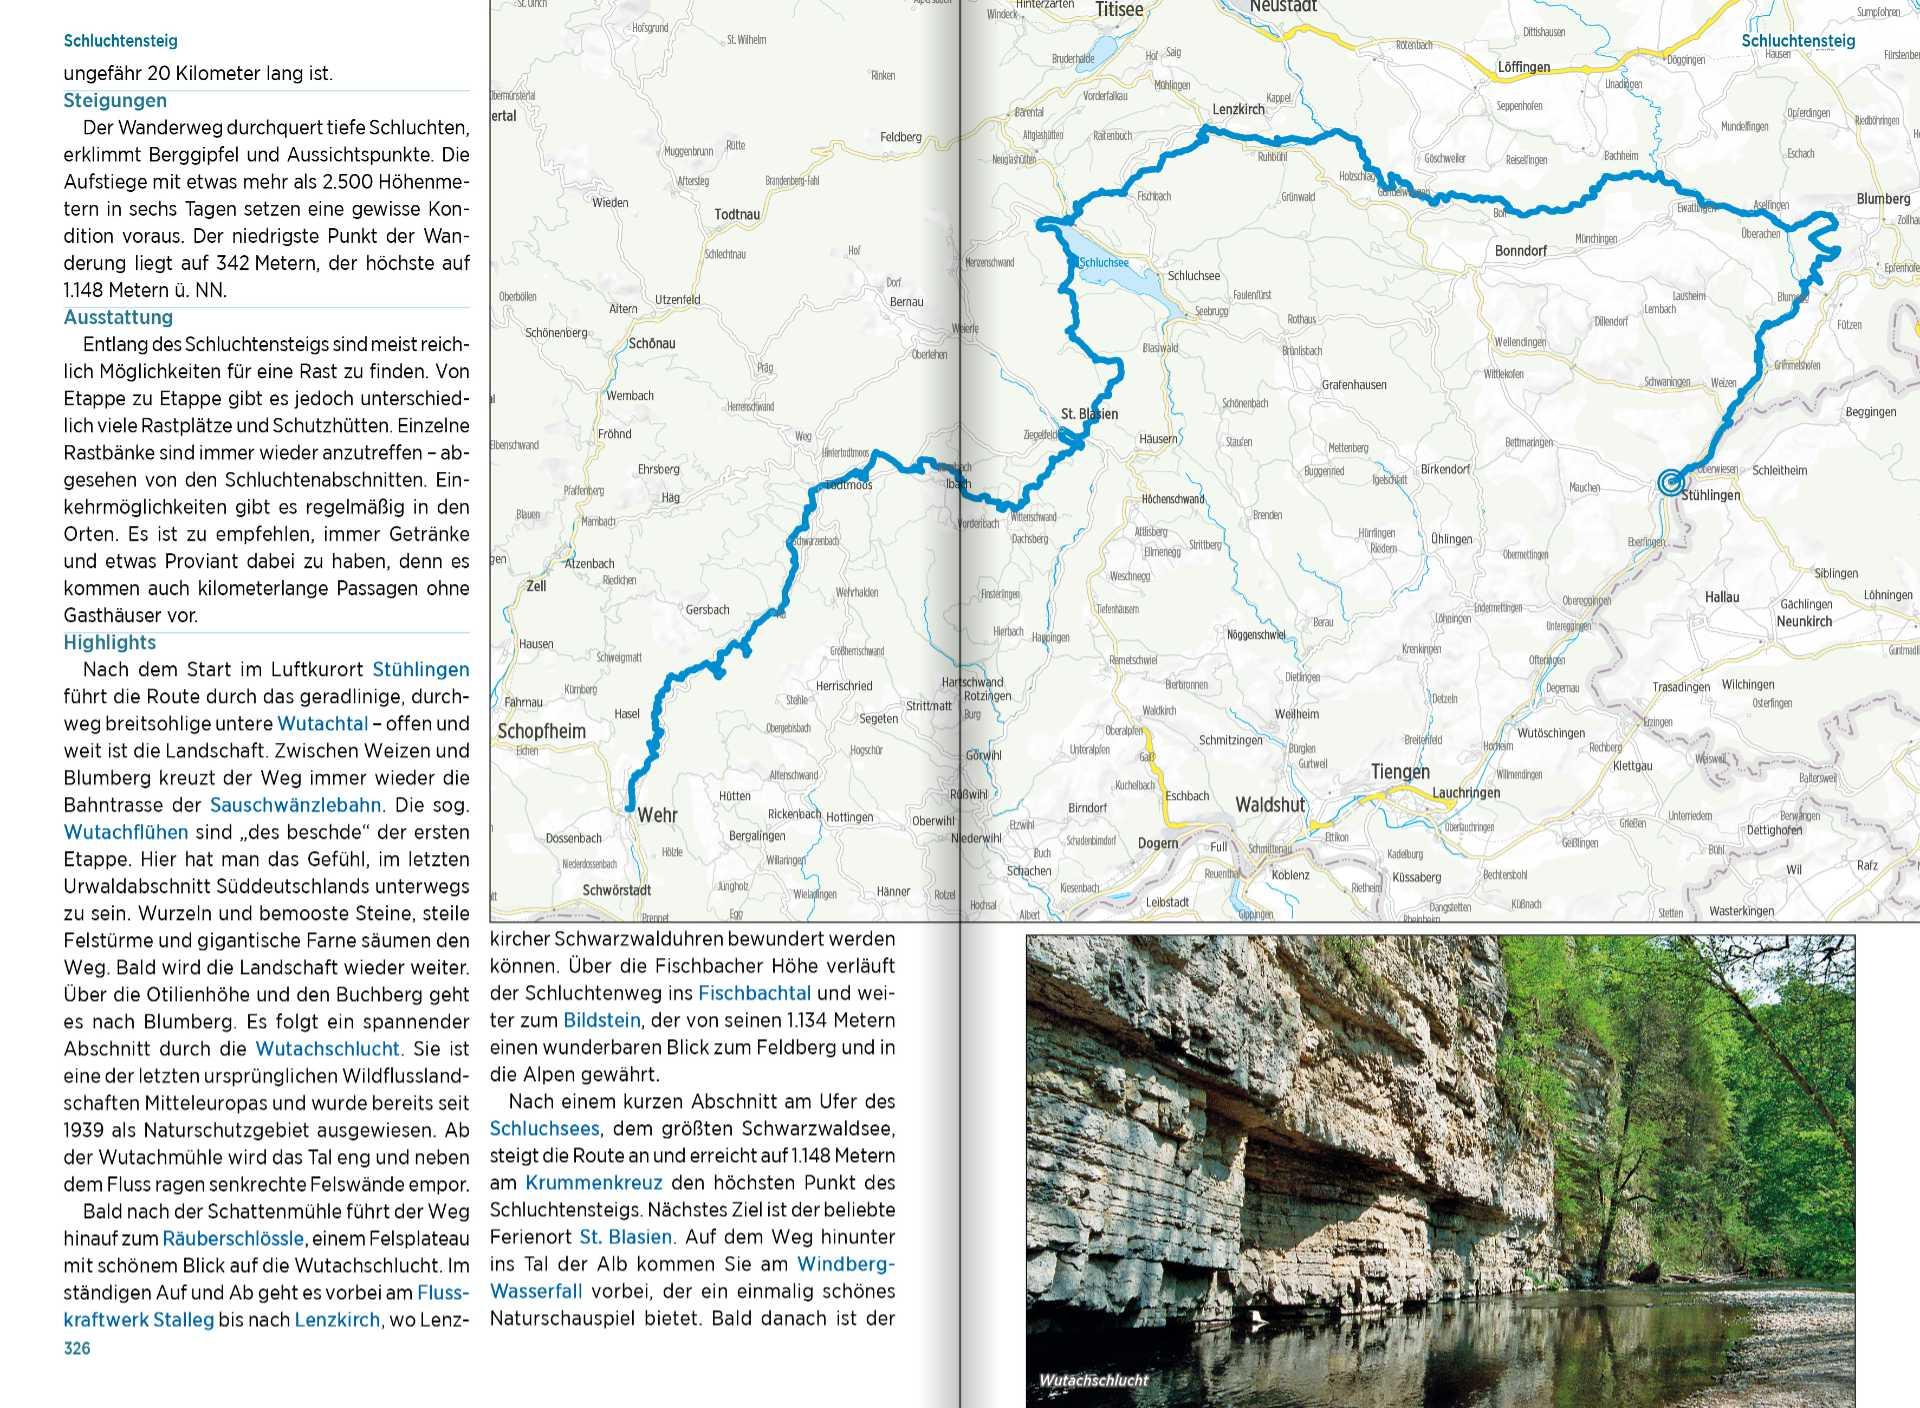 Hikeline Überblickswerk - Fernwanderwege Deutschland - Karte